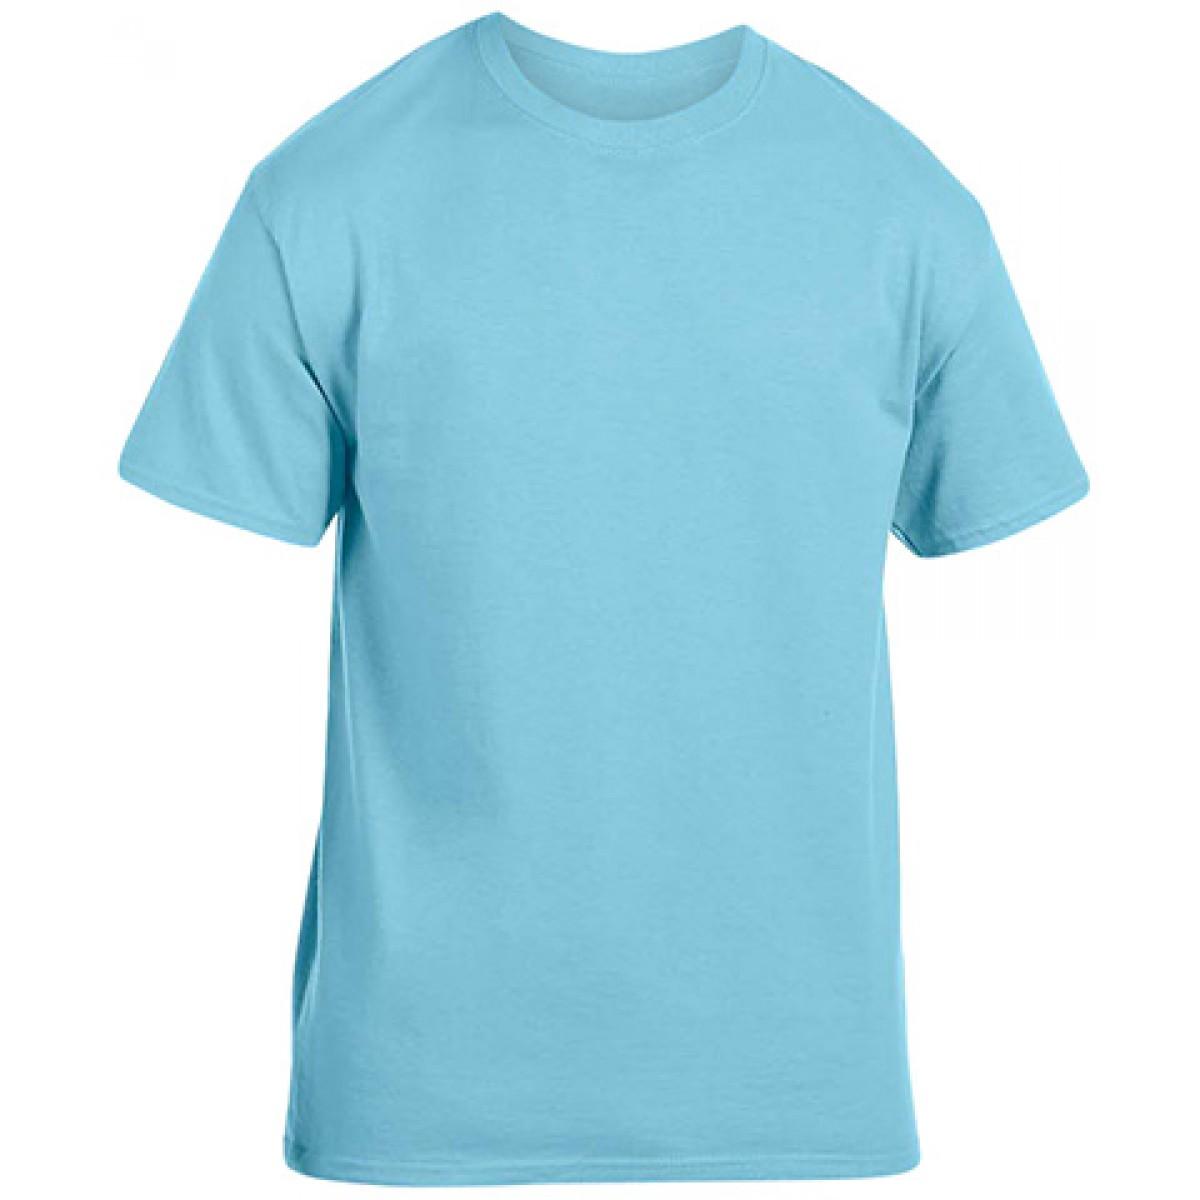 Soft 100% Cotton T-Shirt-Sky Blue-L